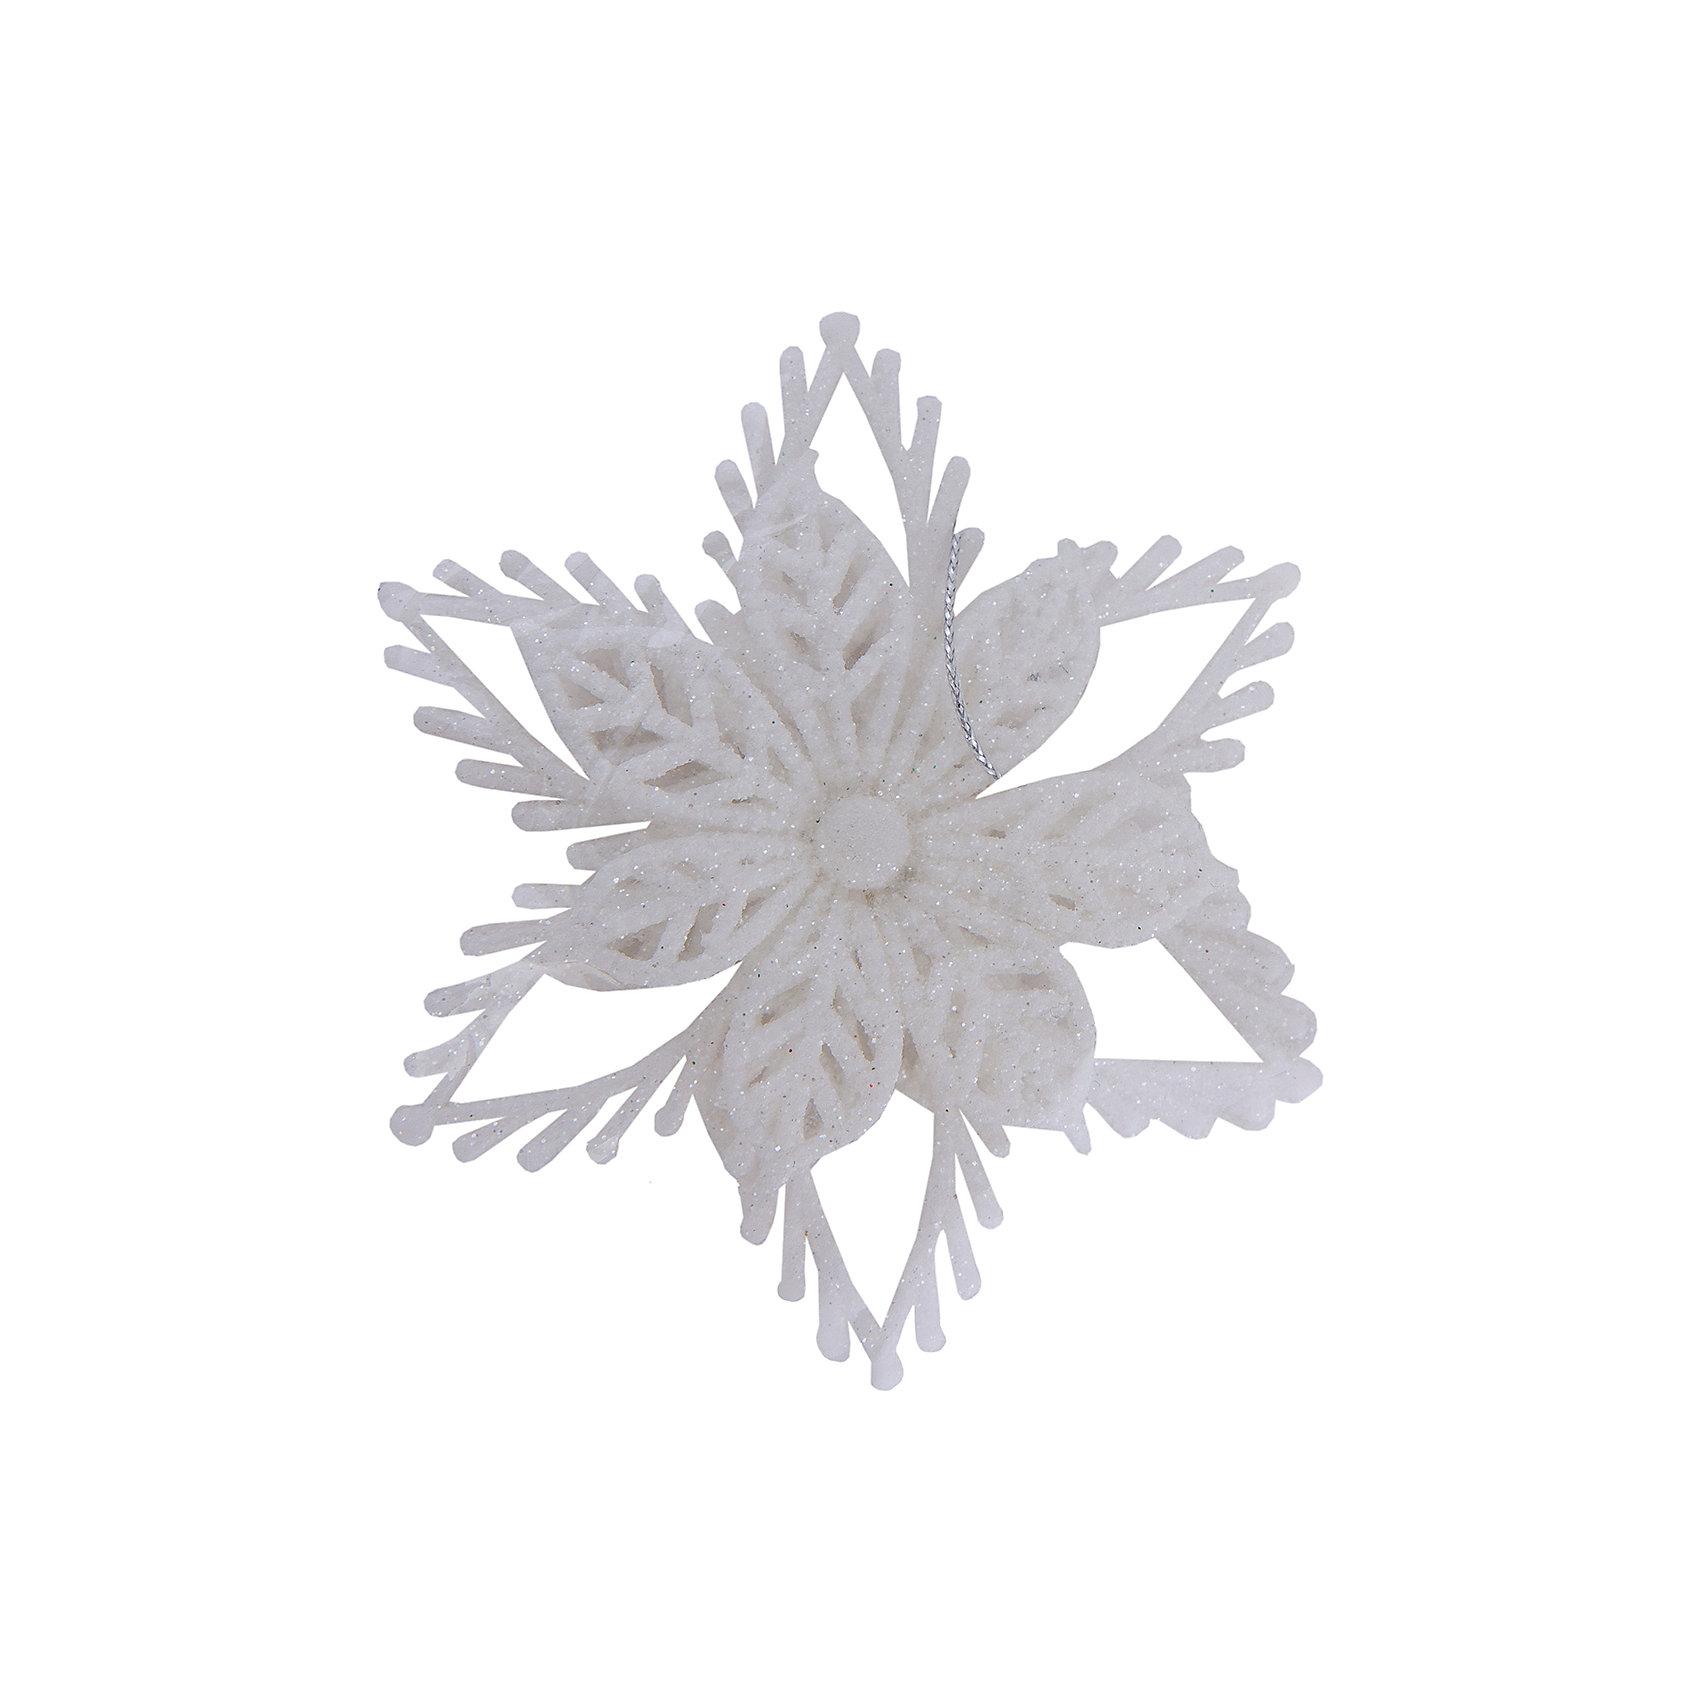 Декоративное подвесное украшение из пластика в глиттере Звезда объемнаяВсё для праздника<br>Характеристики товара:<br><br>• материал: полистоун<br>• не бьётся<br>• в глиттере<br>• комплектация: 1 шт<br>• с подвесом<br>• для украшения интерьера или ёлки<br>• страна производства: Китай<br><br>Украшение ёлки и интерьера - любимое занятие детей и взрослых. Новогодний антураж трудно представить без сияющих подвесных украшений! Это изделие будет хорошо смотреться в окружении любой цветовой гаммы, оно качественно выполнено и нарядно выглядит. С помощью него можно оригинально декорировать квартиру к празднику или украсить ёлку, причем участвовать могут даже малыши - украшение не разобьется.<br>Такие небольшие детали и создают праздник! От них во многом зависит хорошее новогоднее настроение. Изделие производится из качественных сертифицированных материалов, безопасных даже для самых маленьких.<br><br>Декоративное подвесное украшение из пластика в глиттере Звезда объемная можно купить в нашем интернет-магазине.<br><br>Ширина мм: 100<br>Глубина мм: 100<br>Высота мм: 30<br>Вес г: 50<br>Возраст от месяцев: 72<br>Возраст до месяцев: 480<br>Пол: Унисекс<br>Возраст: Детский<br>SKU: 5051728